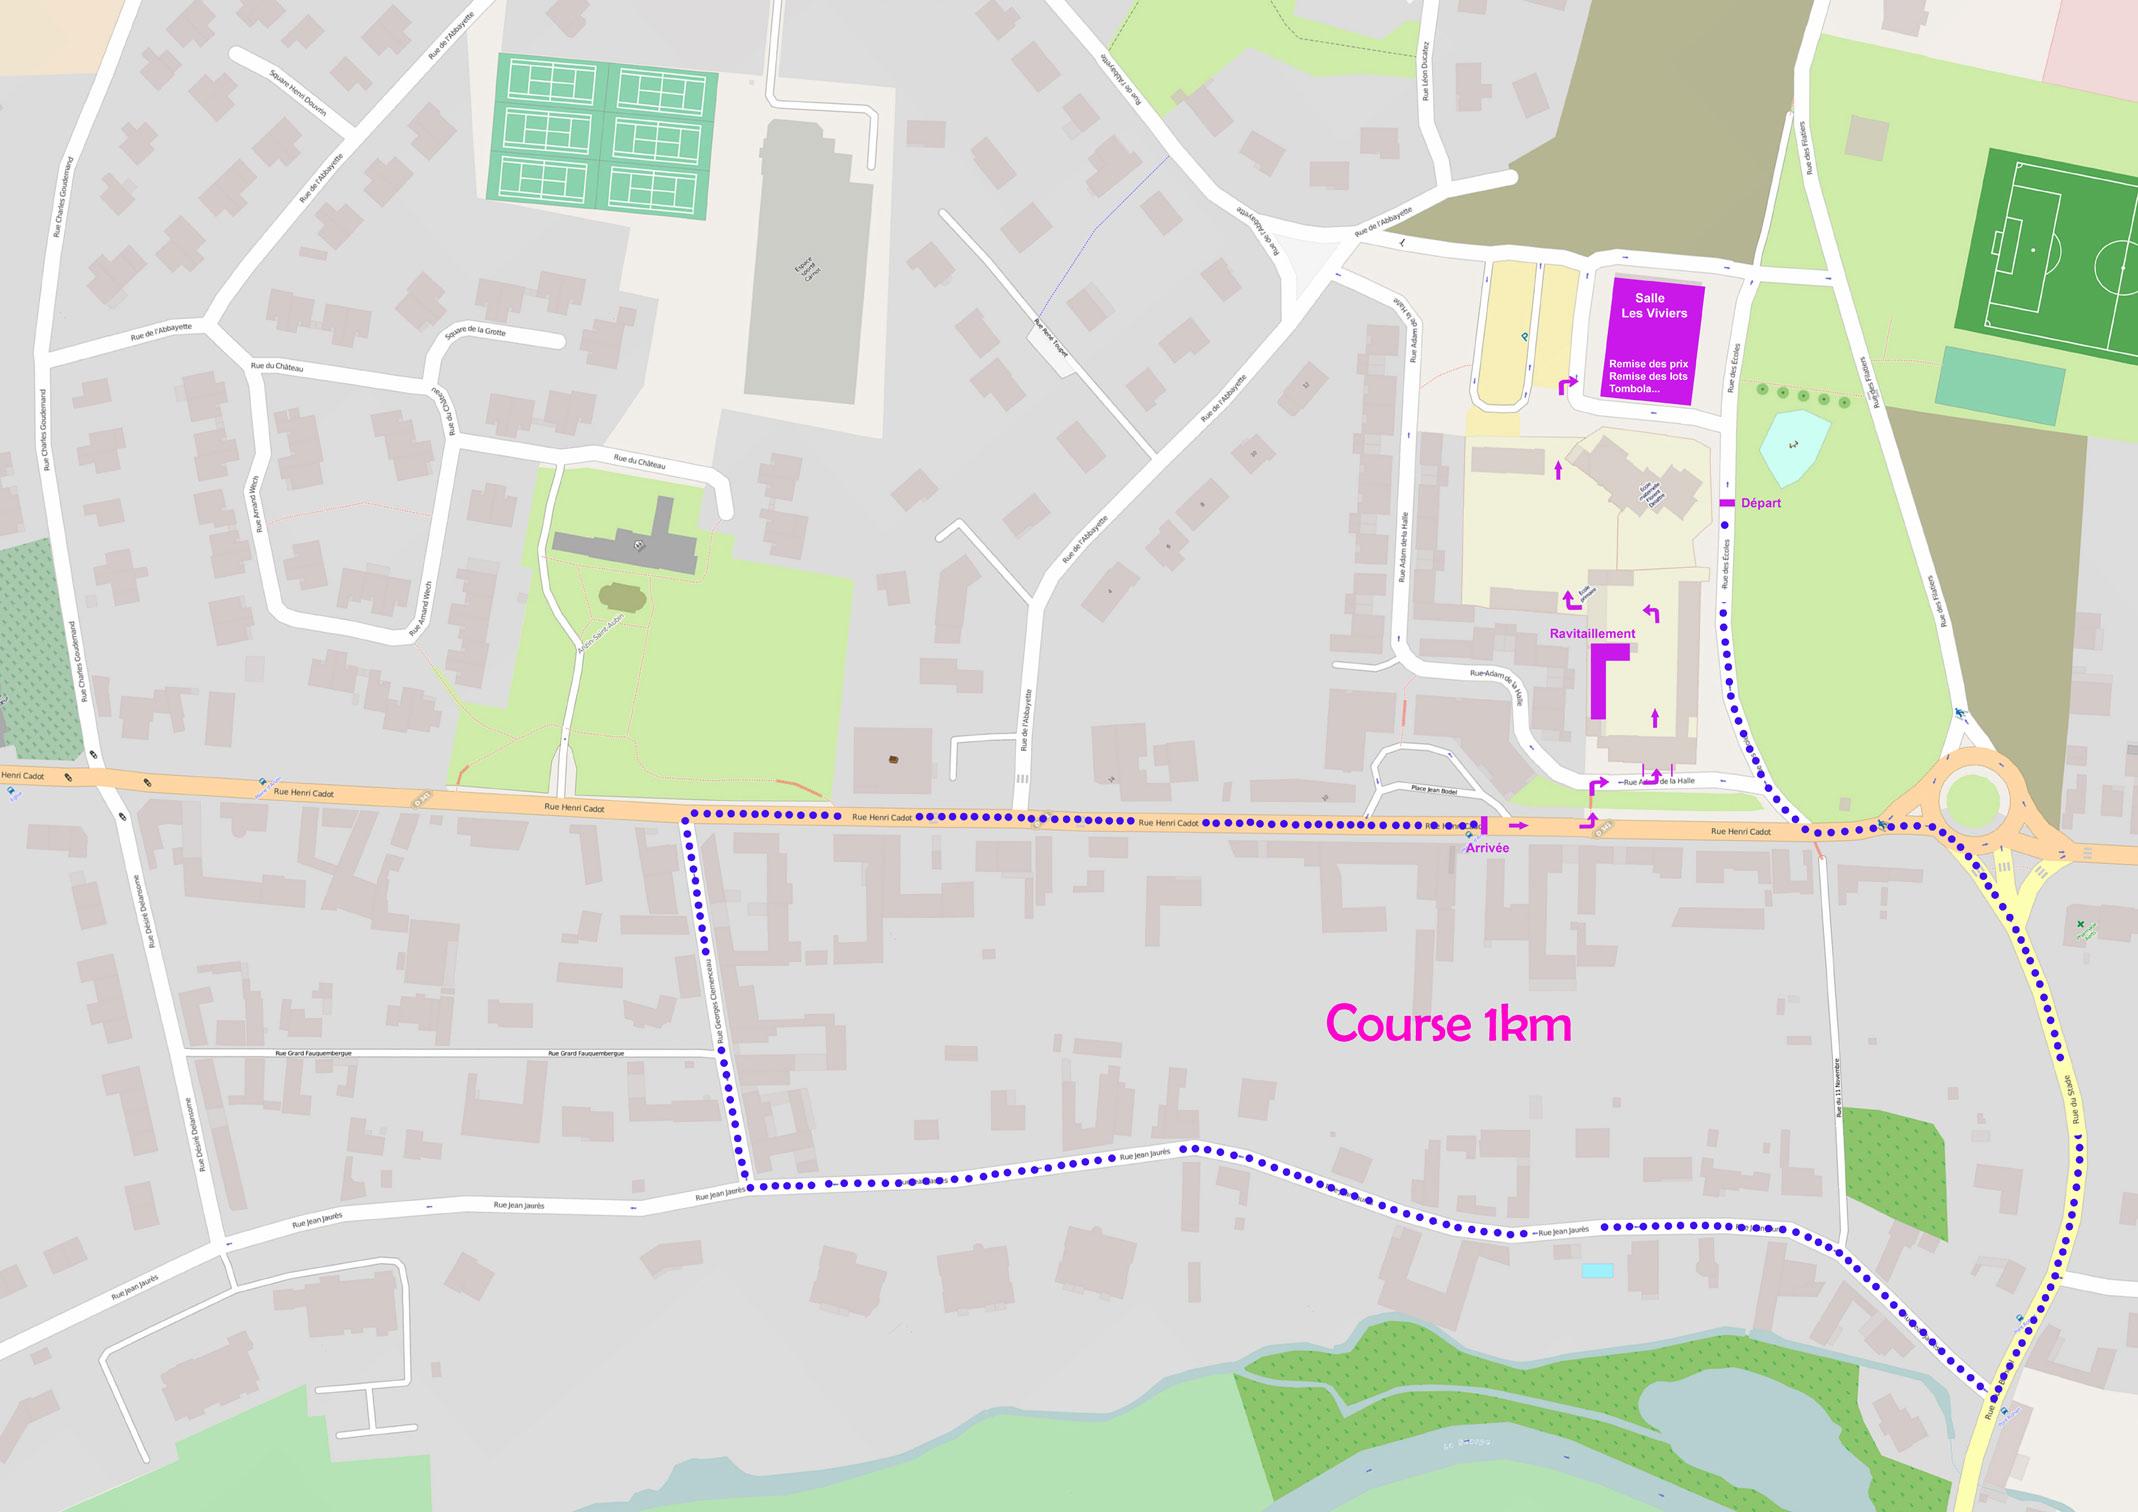 parcours-1km-a4-web